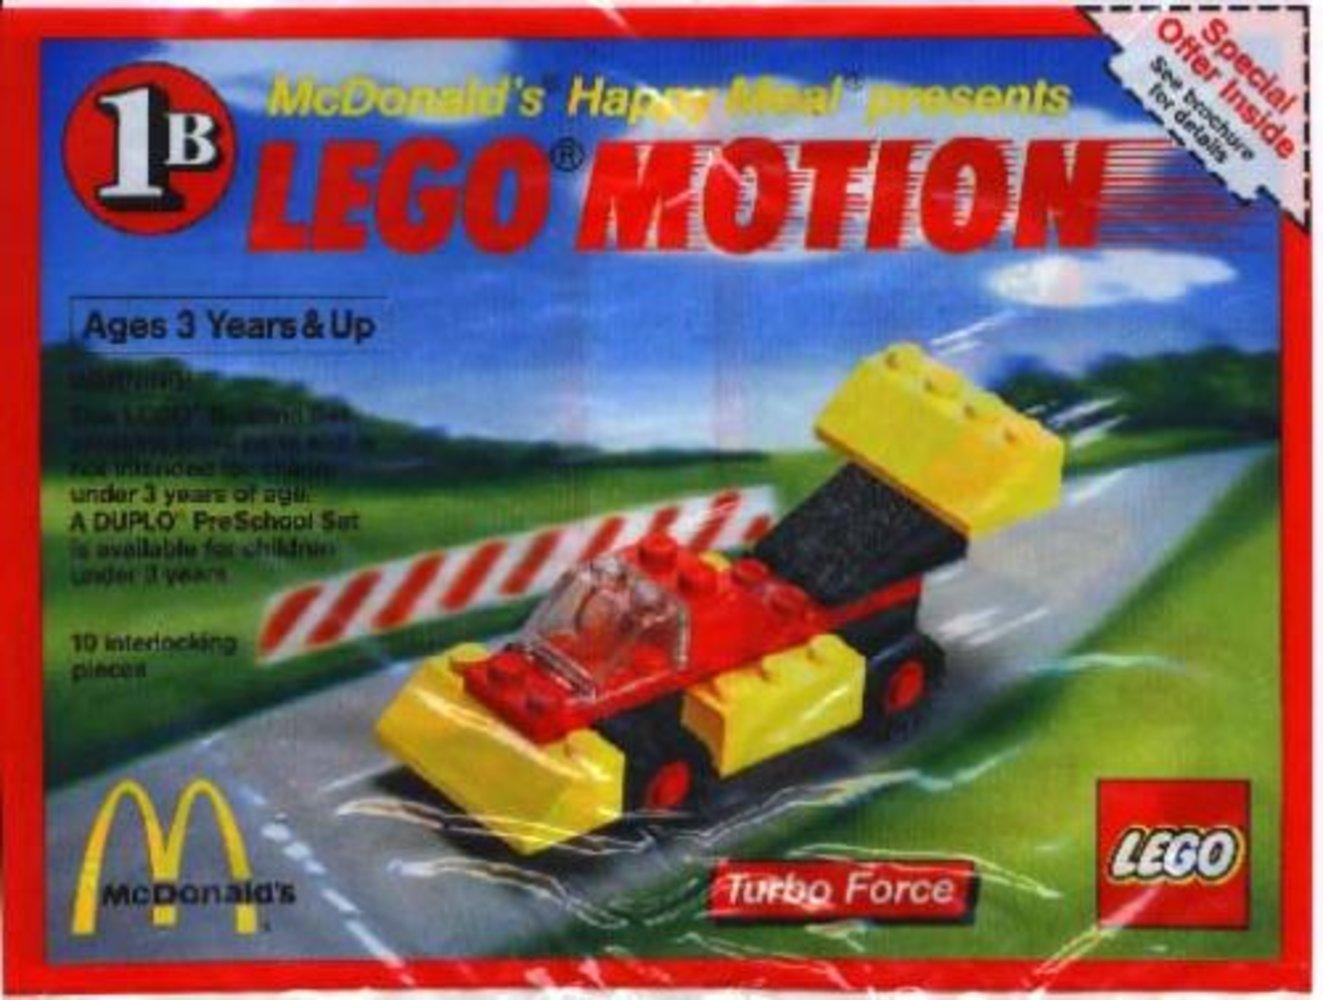 Lego Motion 1B, Turbo Force